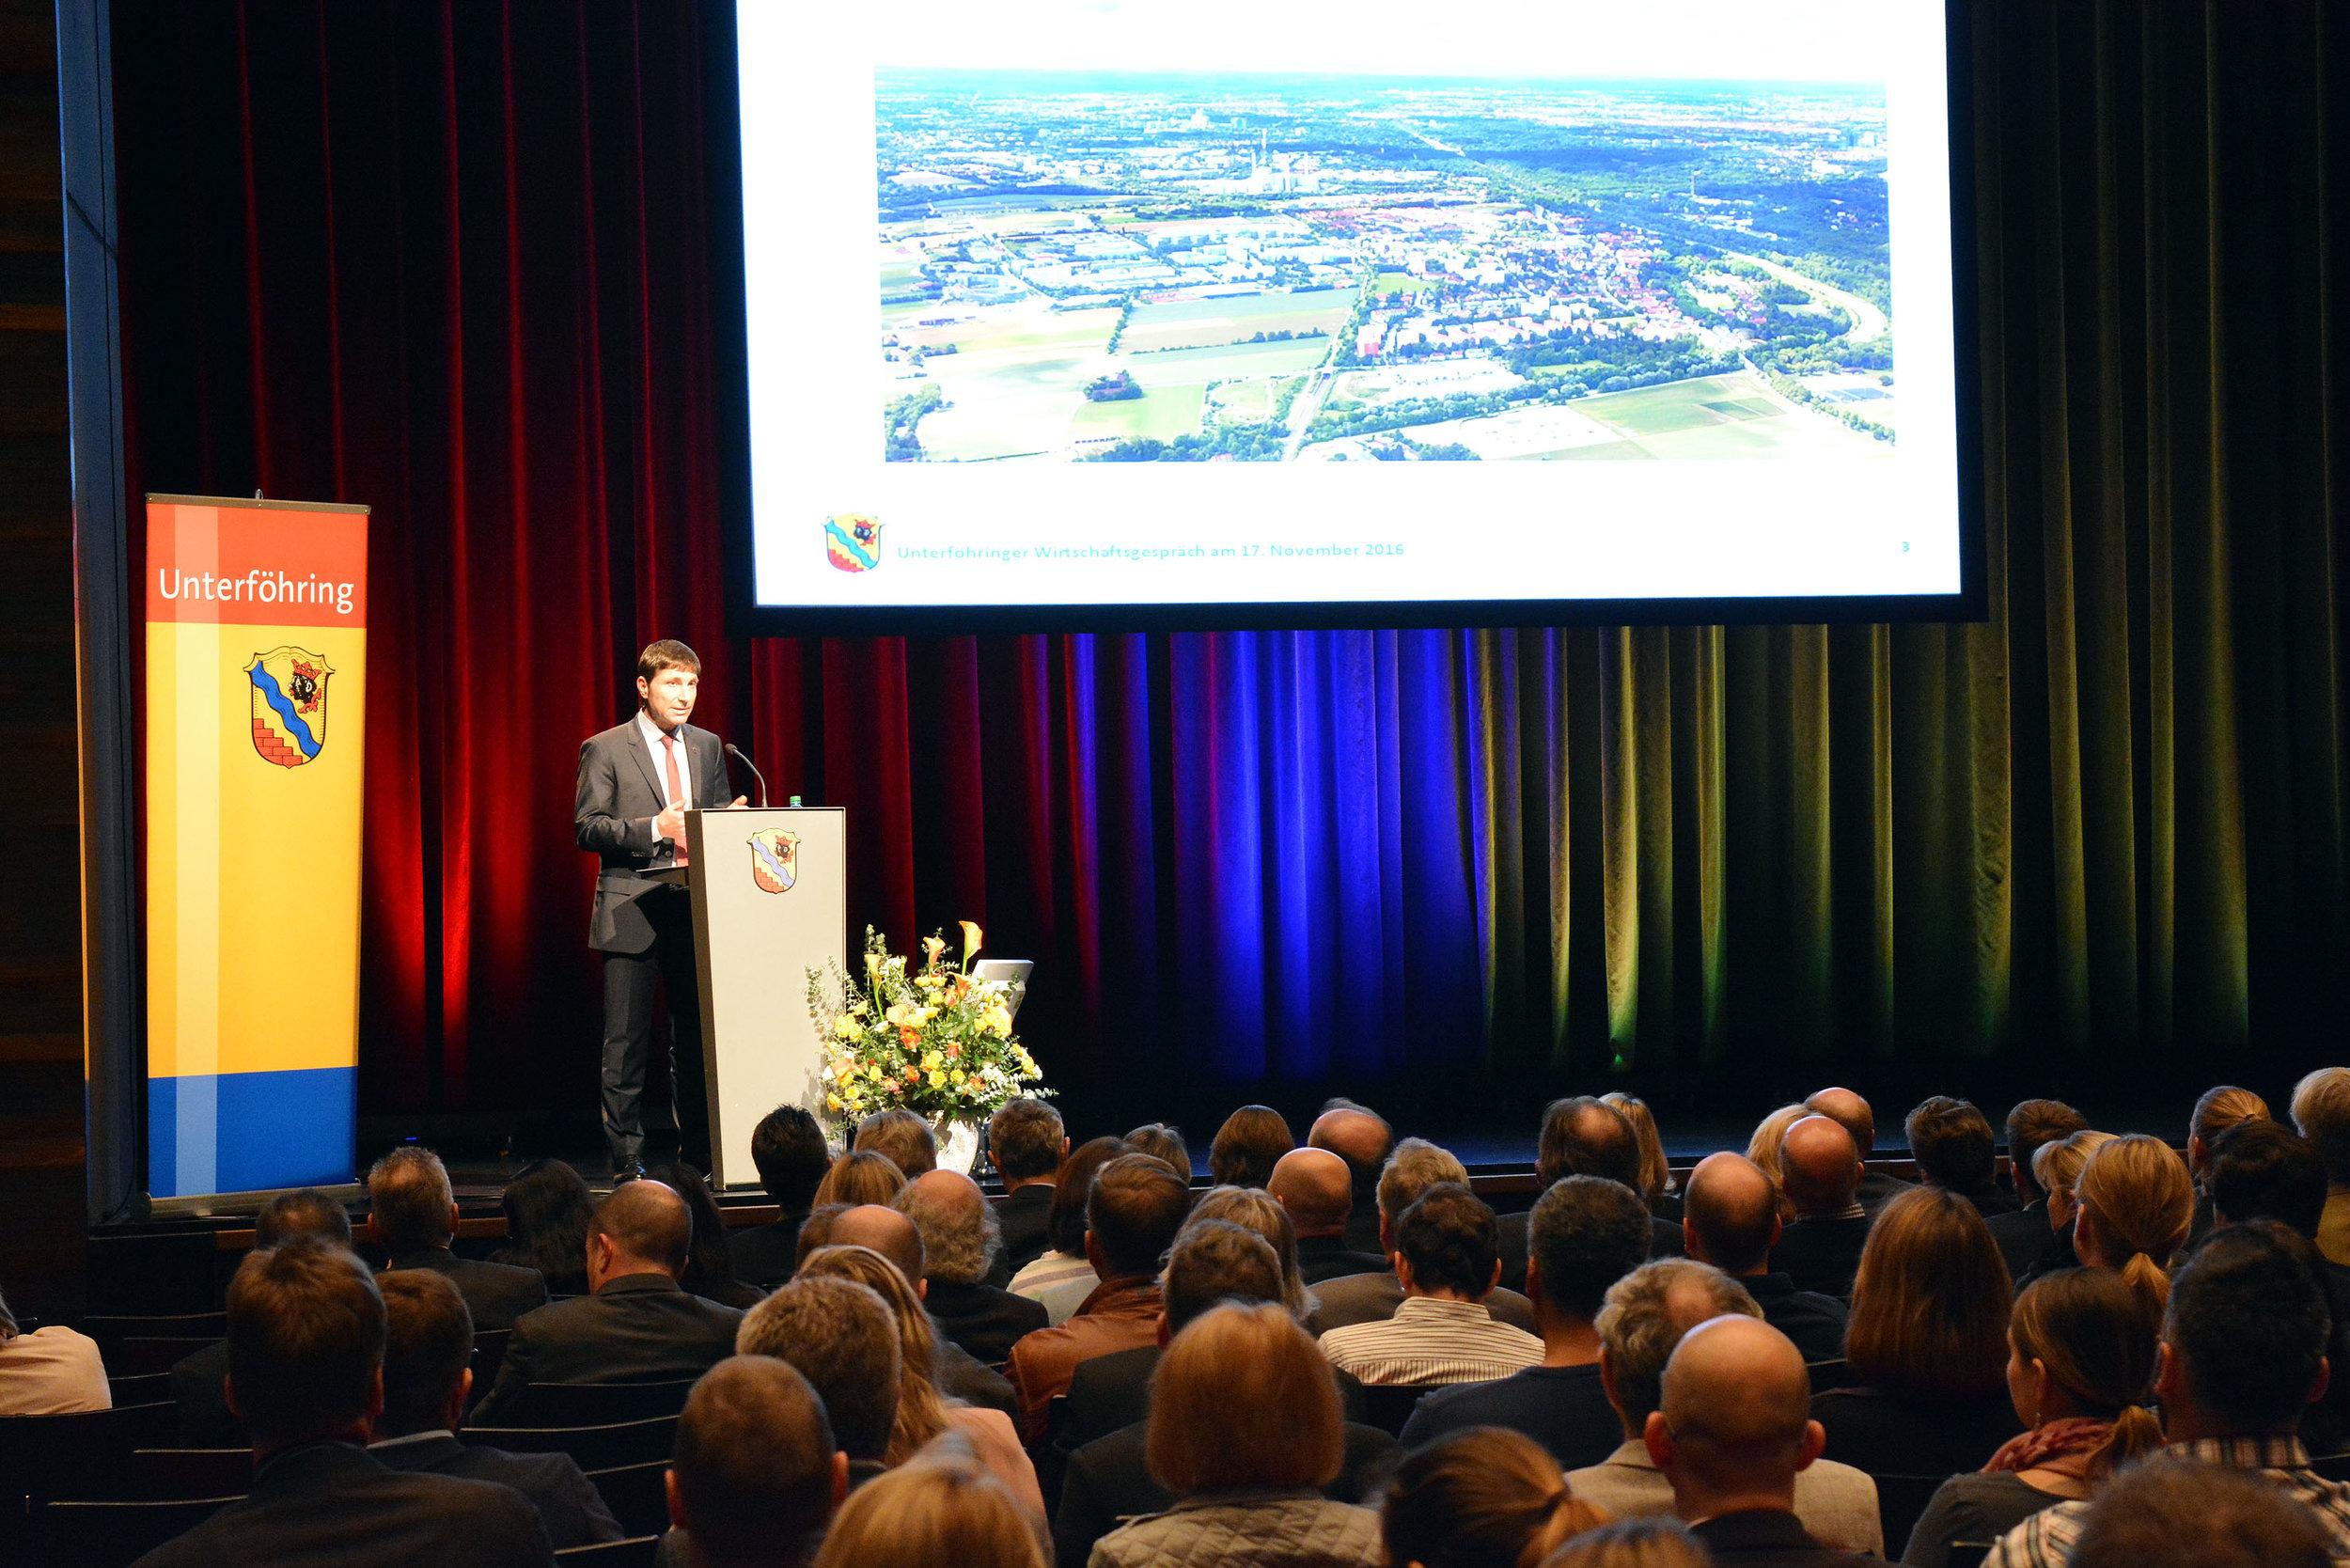 Bürgermeister Andreas Kemmelmeyer als Redner beim Wirtschaftsgespräch 2016.